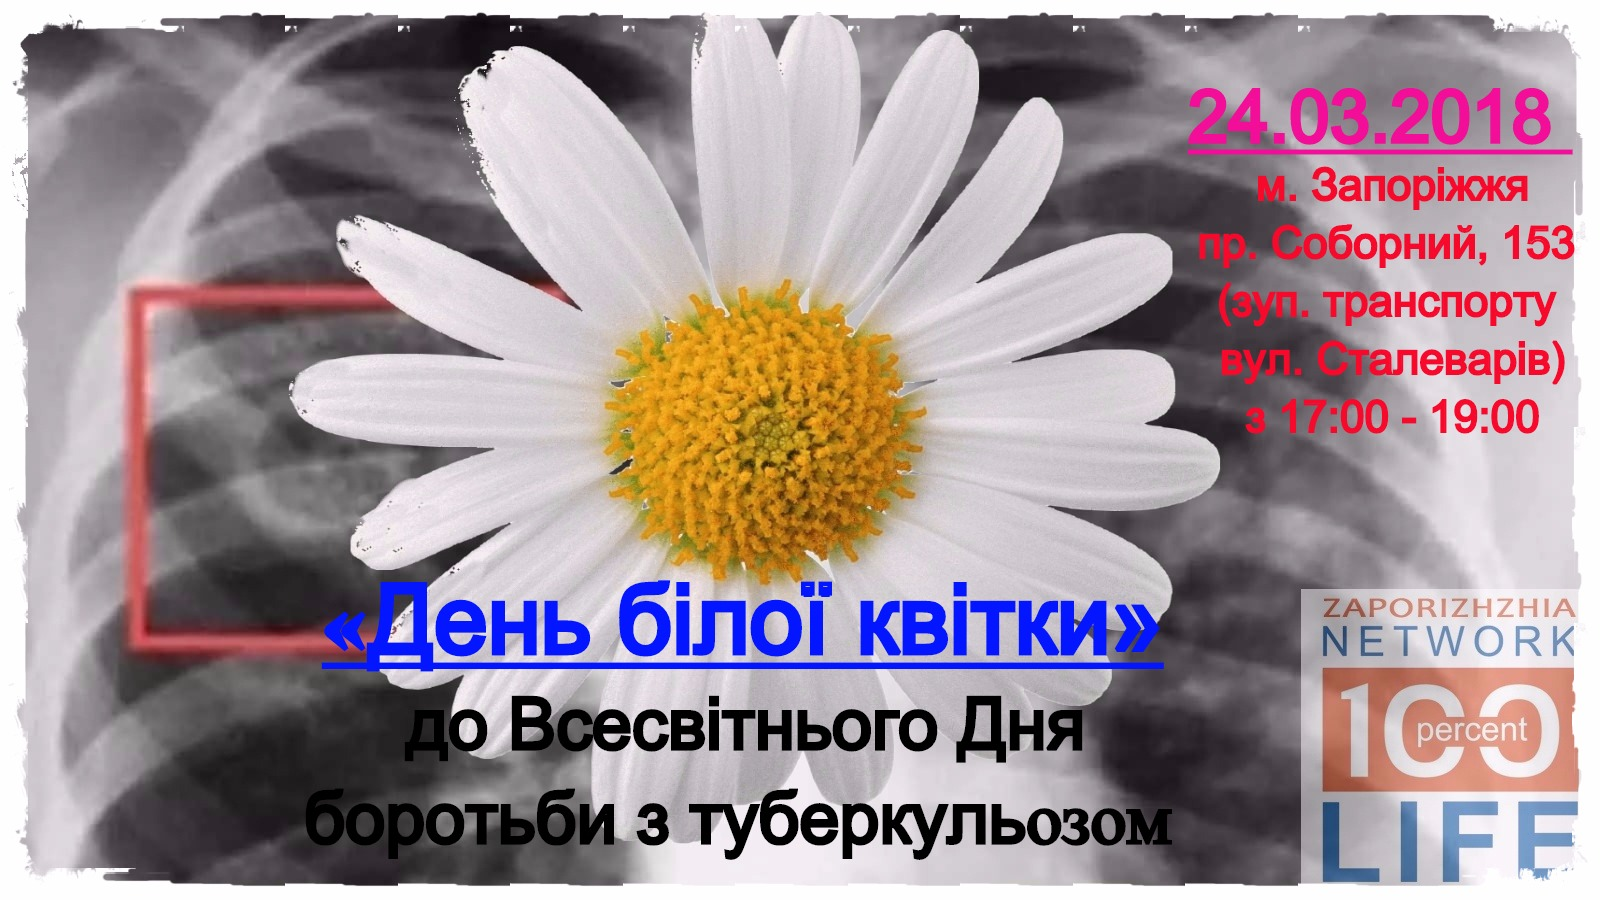 У Запоріжжі пройдуть заходи до Всесвітнього Дня боротьби з туберкульозом під назвою «День білої квітки»